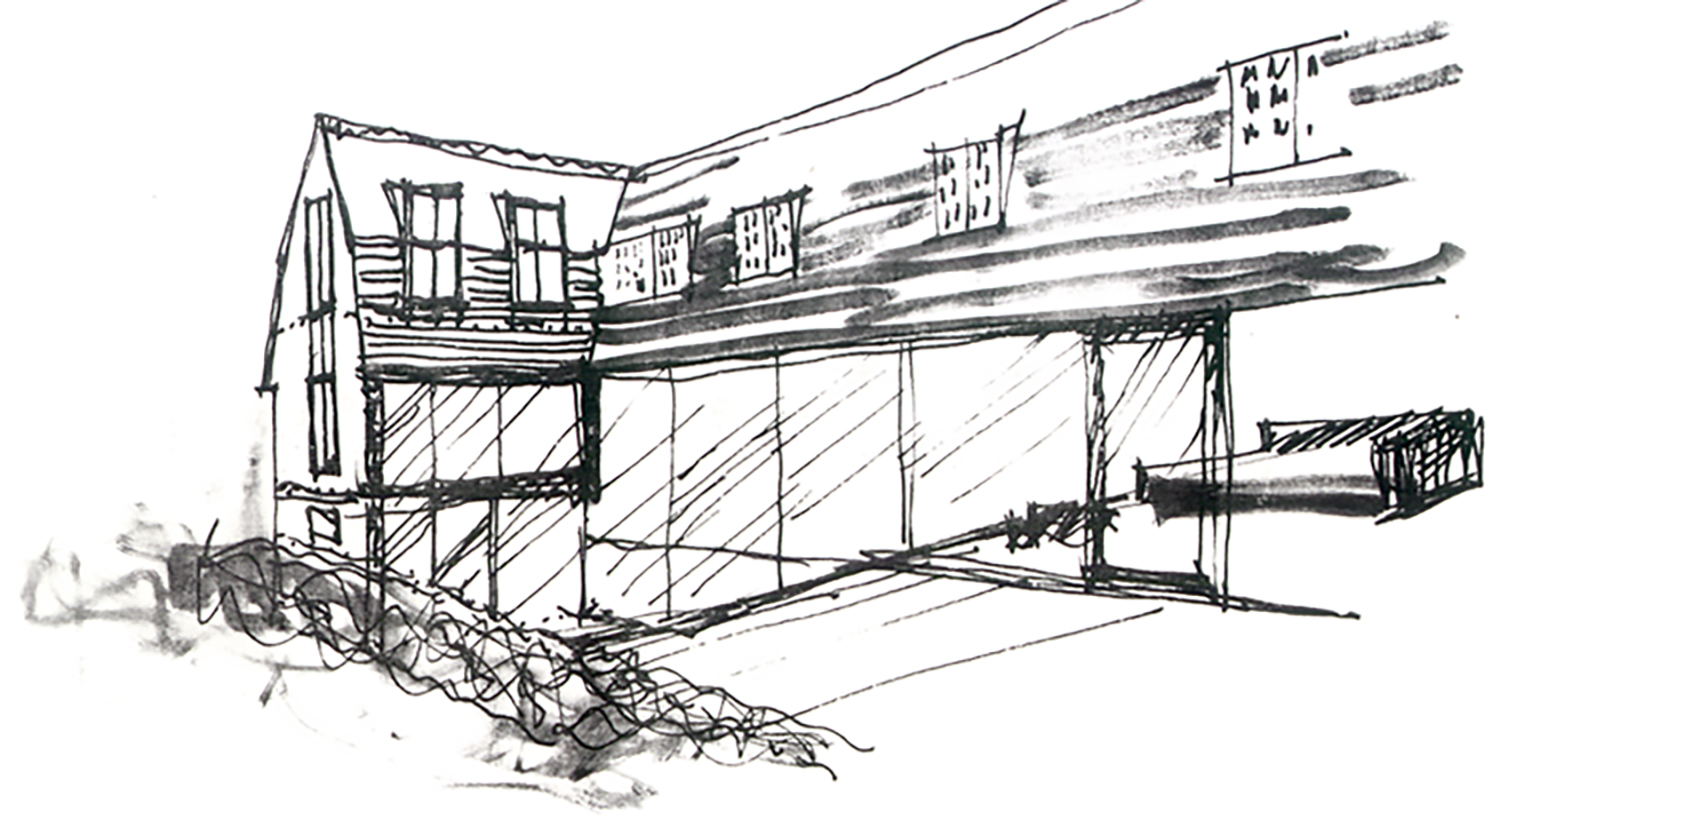 Leatherhead House, rear elevation, marker pen drawing